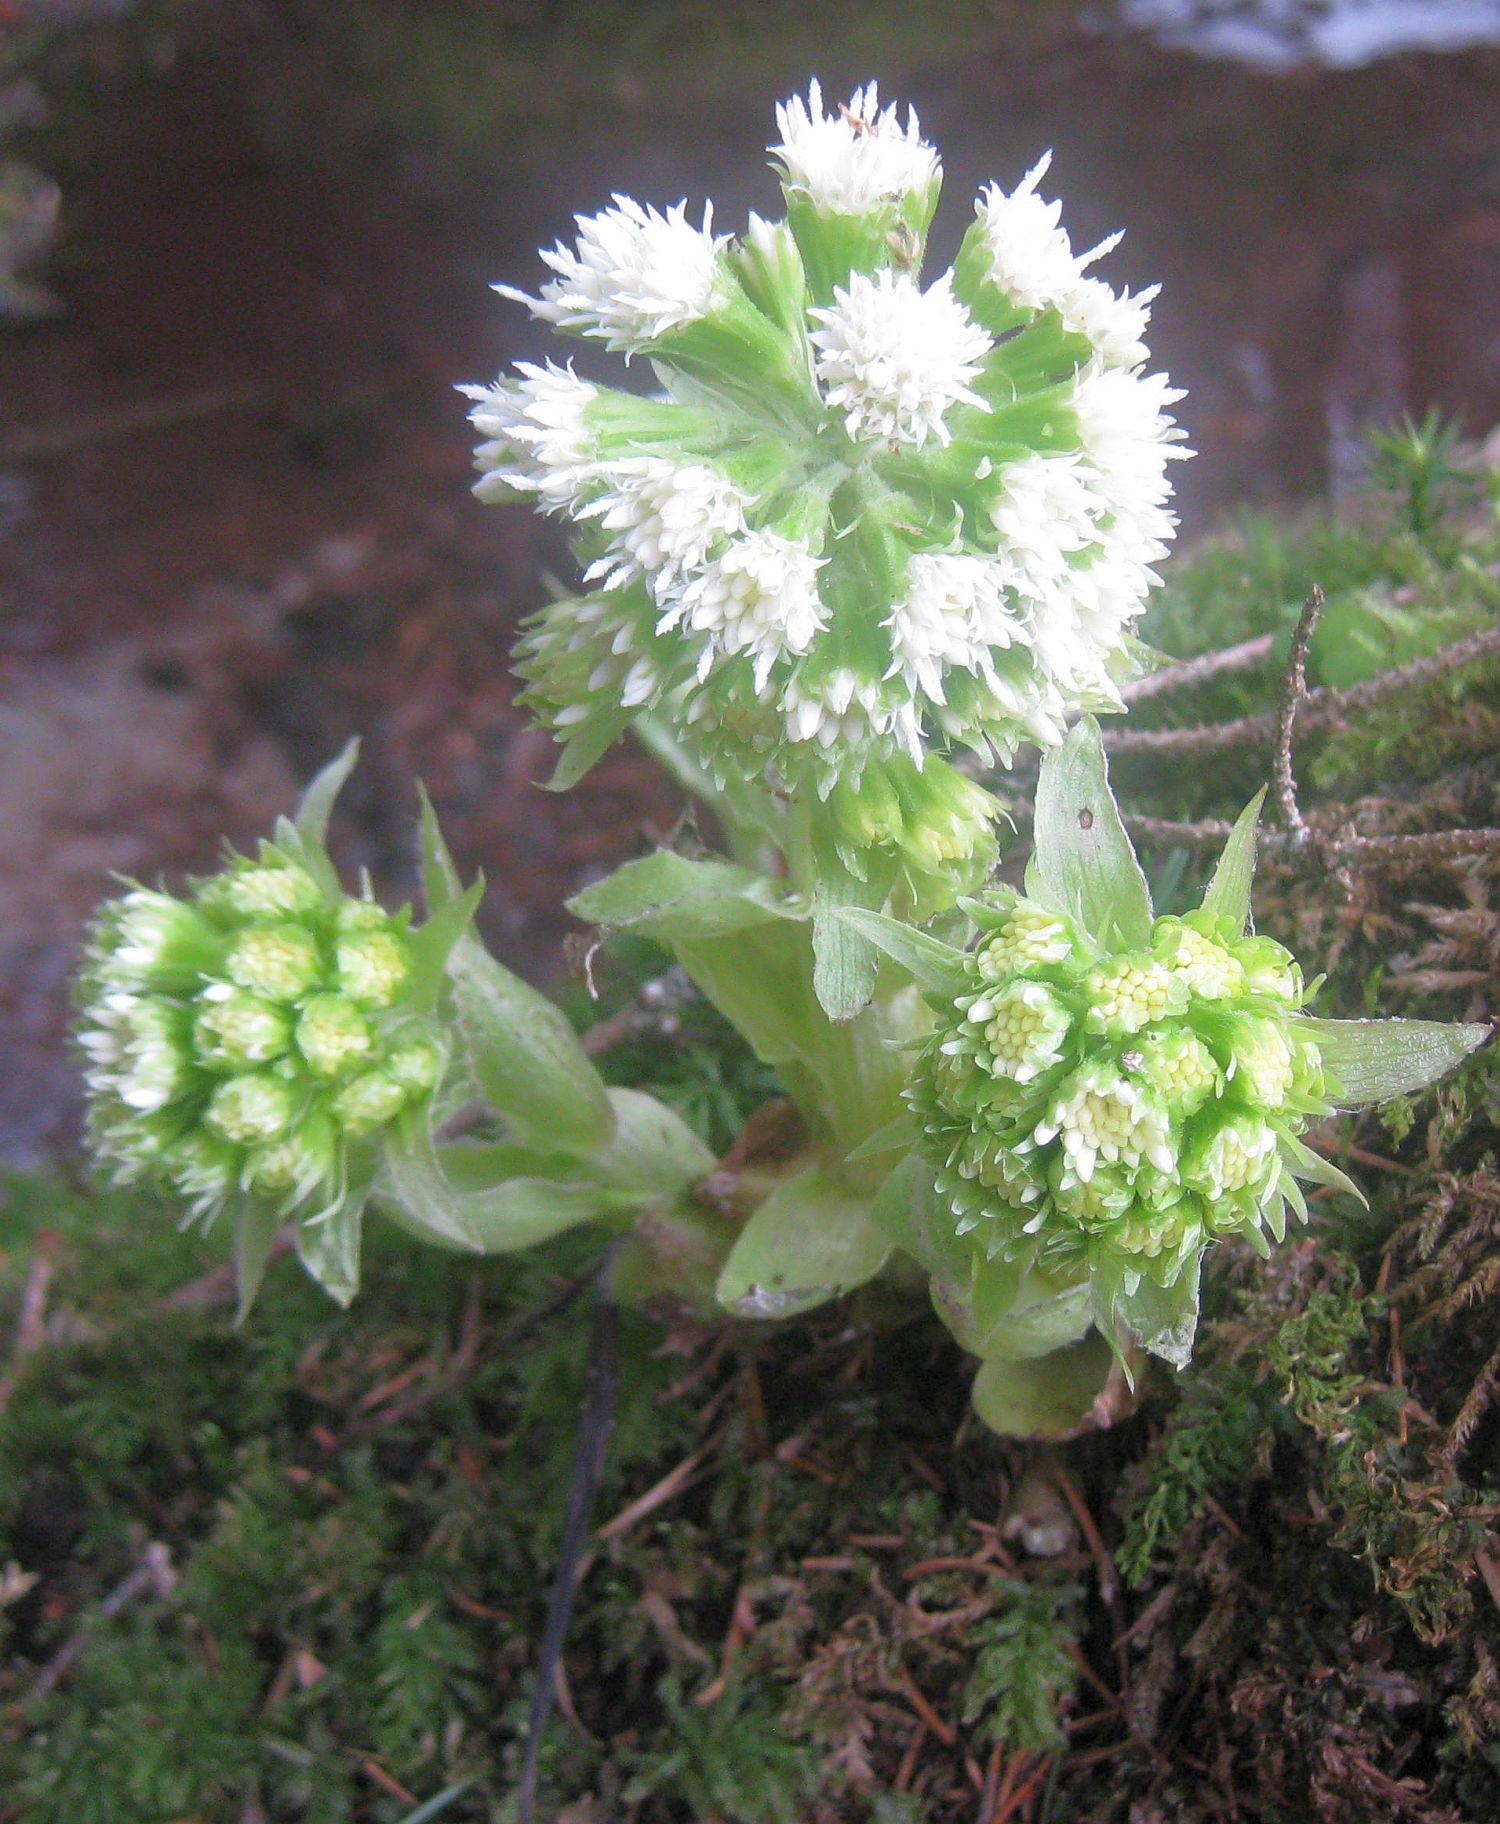 Waldpflanze im Bayrischen Wald, Natur, Frühlingsblume